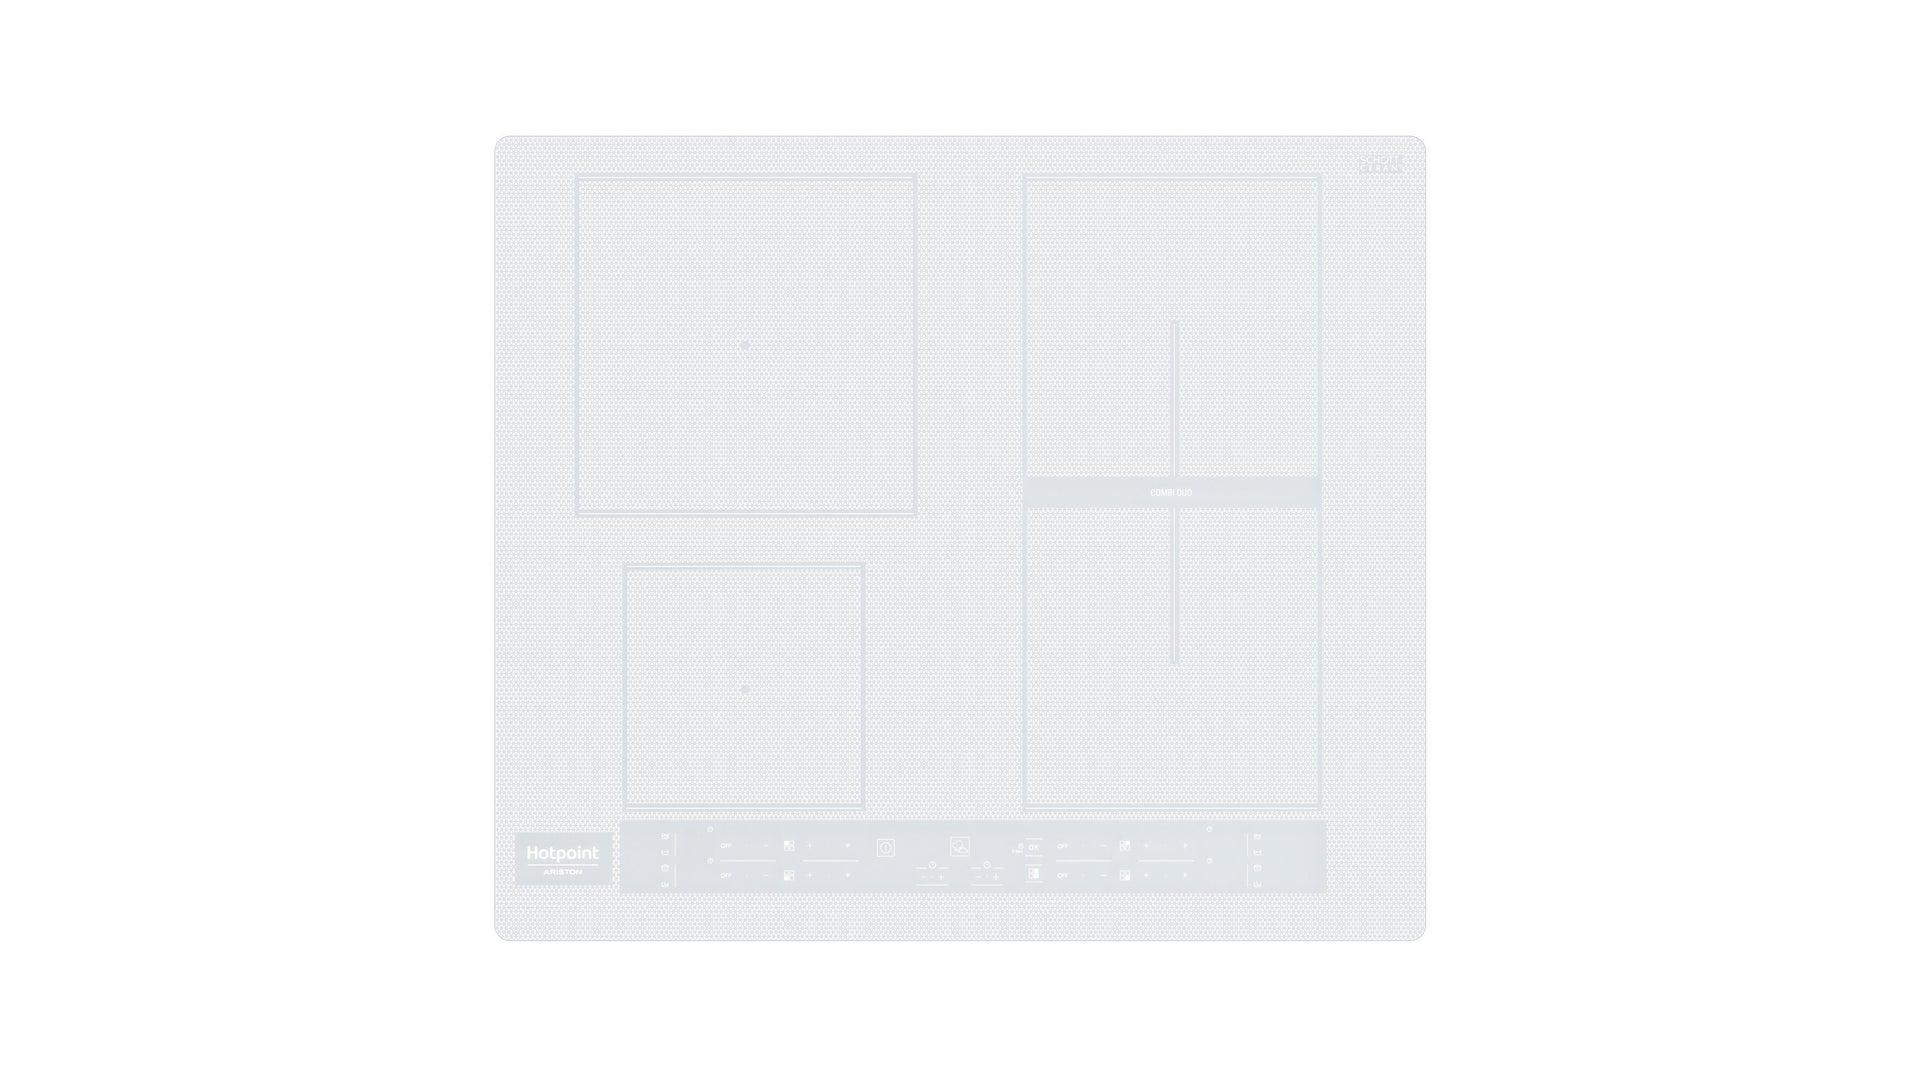 Piano cottura induzione 56 cm HOTPOINT - 3